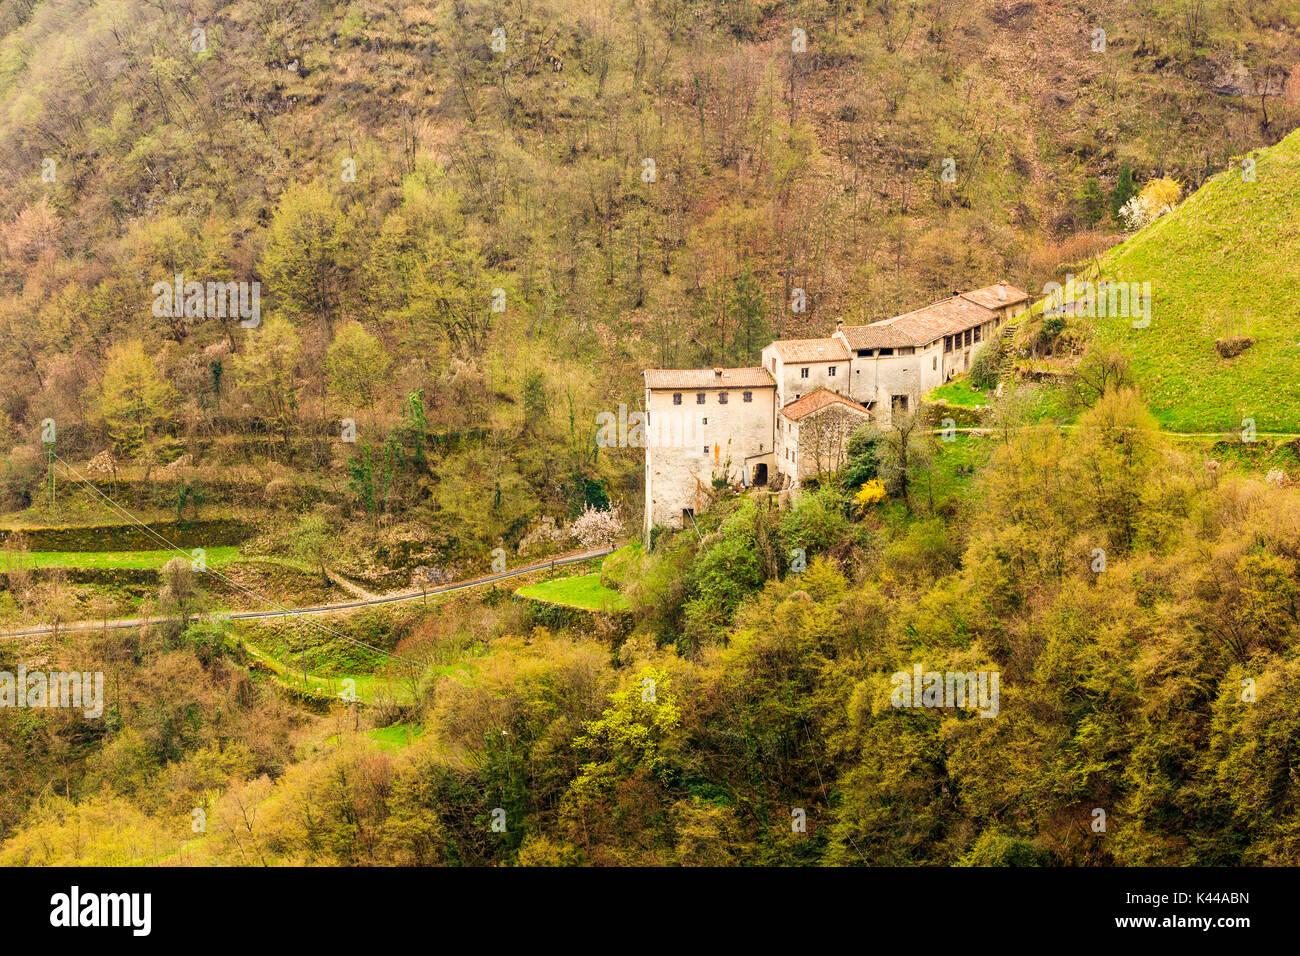 Viviendas de piedra, Contrada Giaconi, Val Frenzela, Valstagna, Provincia de Vicenza, Veneto, Italia. Mountain Village en el borde del valle. Imagen De Stock